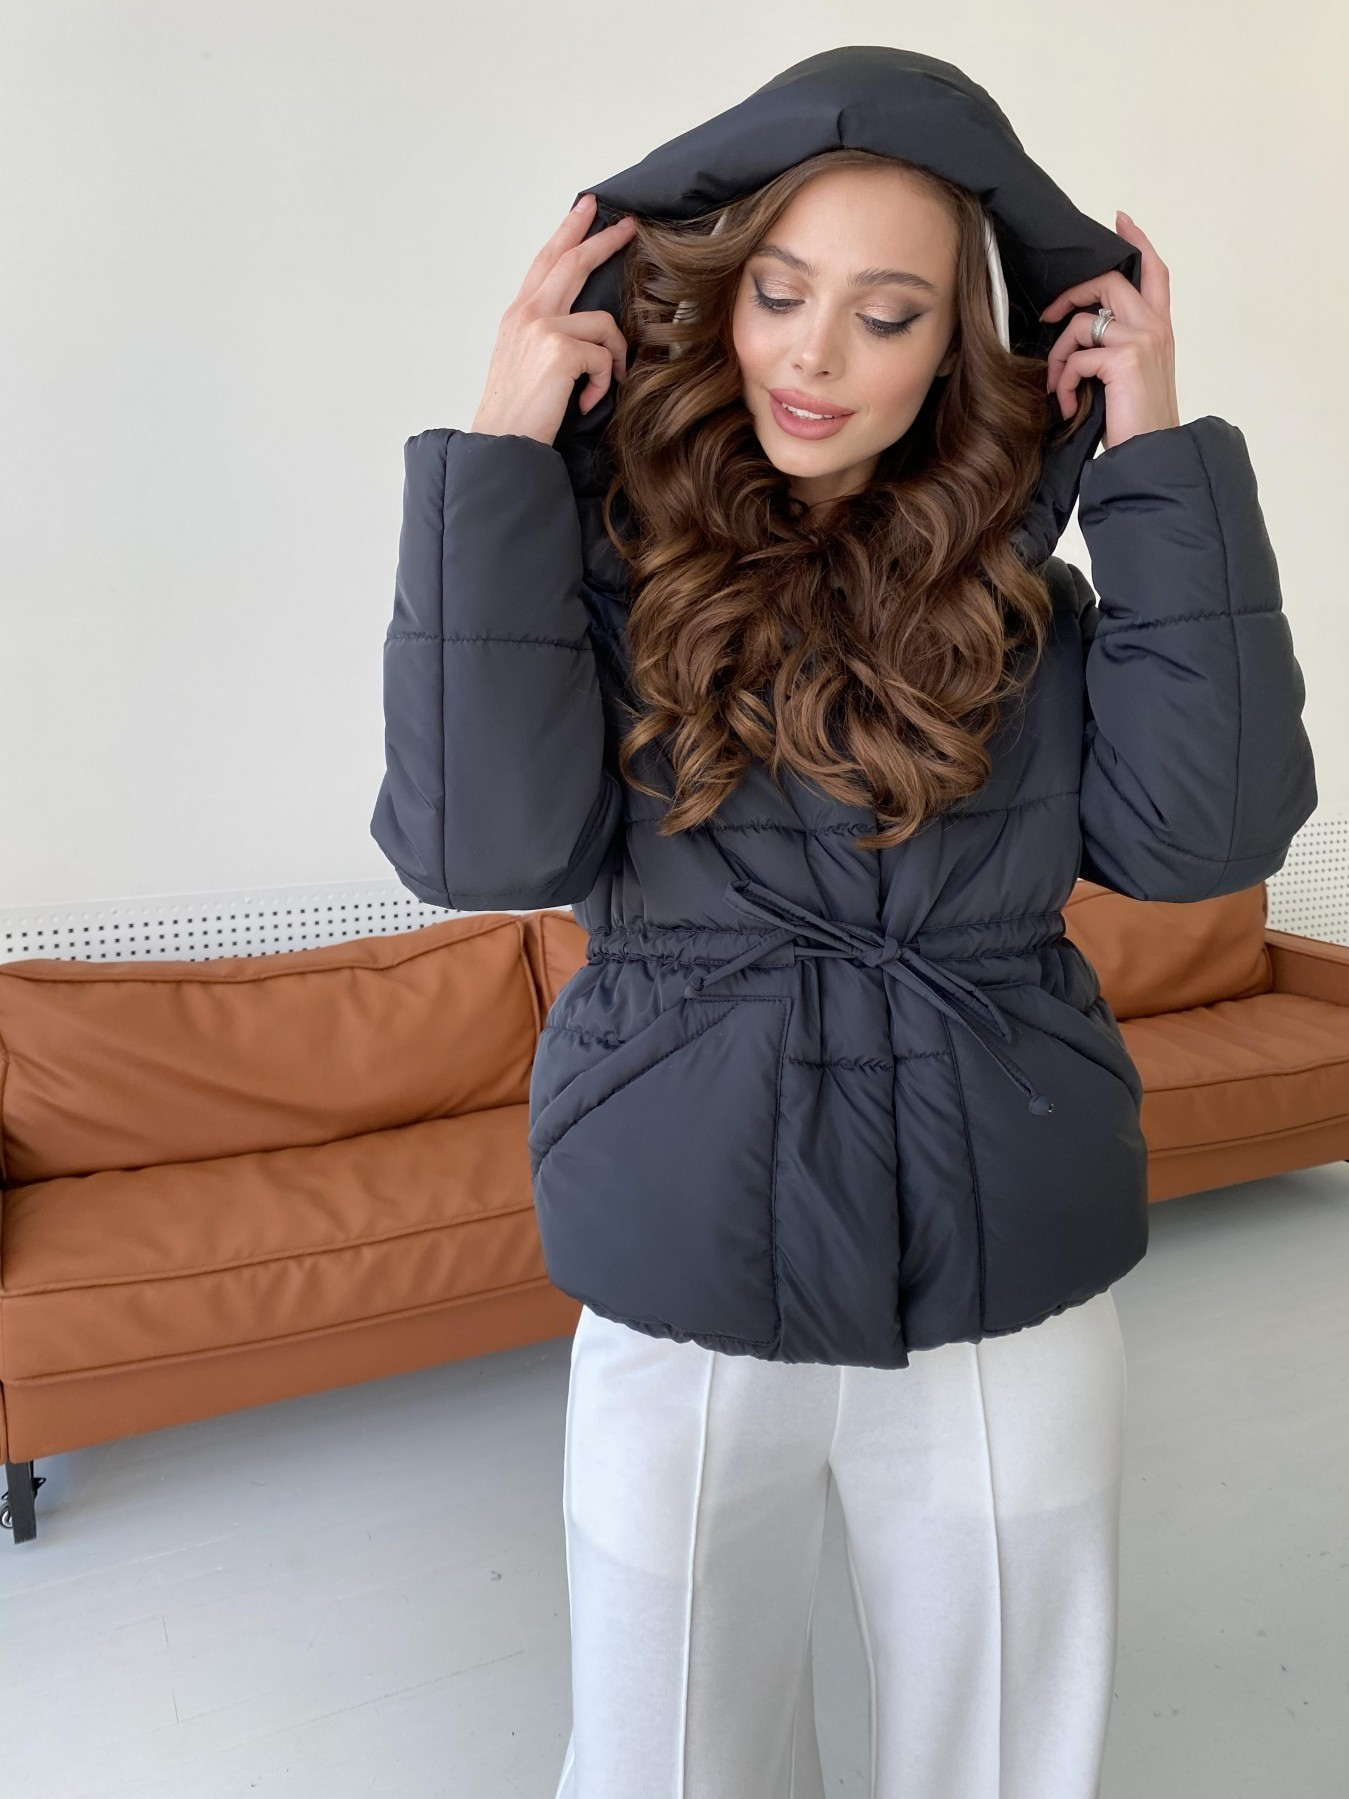 Пино куртка из плащевой ткани 10489 АРТ. 47270 Цвет: Черный - фото 3, интернет магазин tm-modus.ru